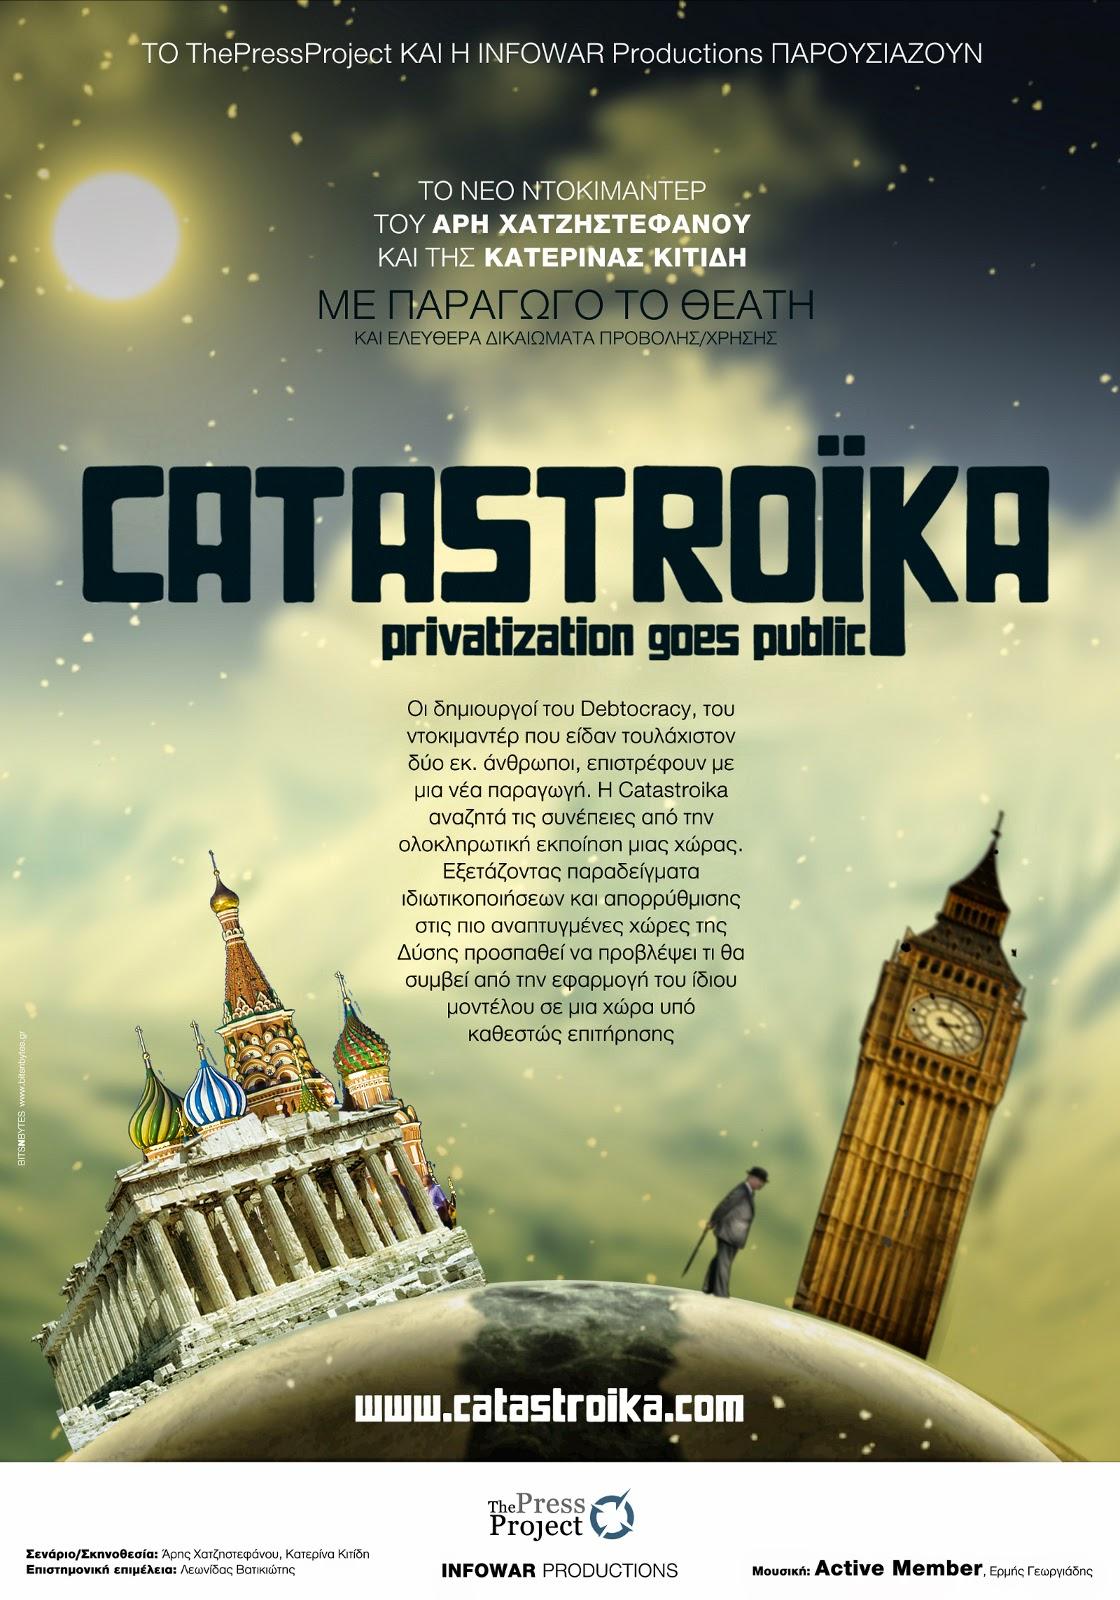 13-catastroika